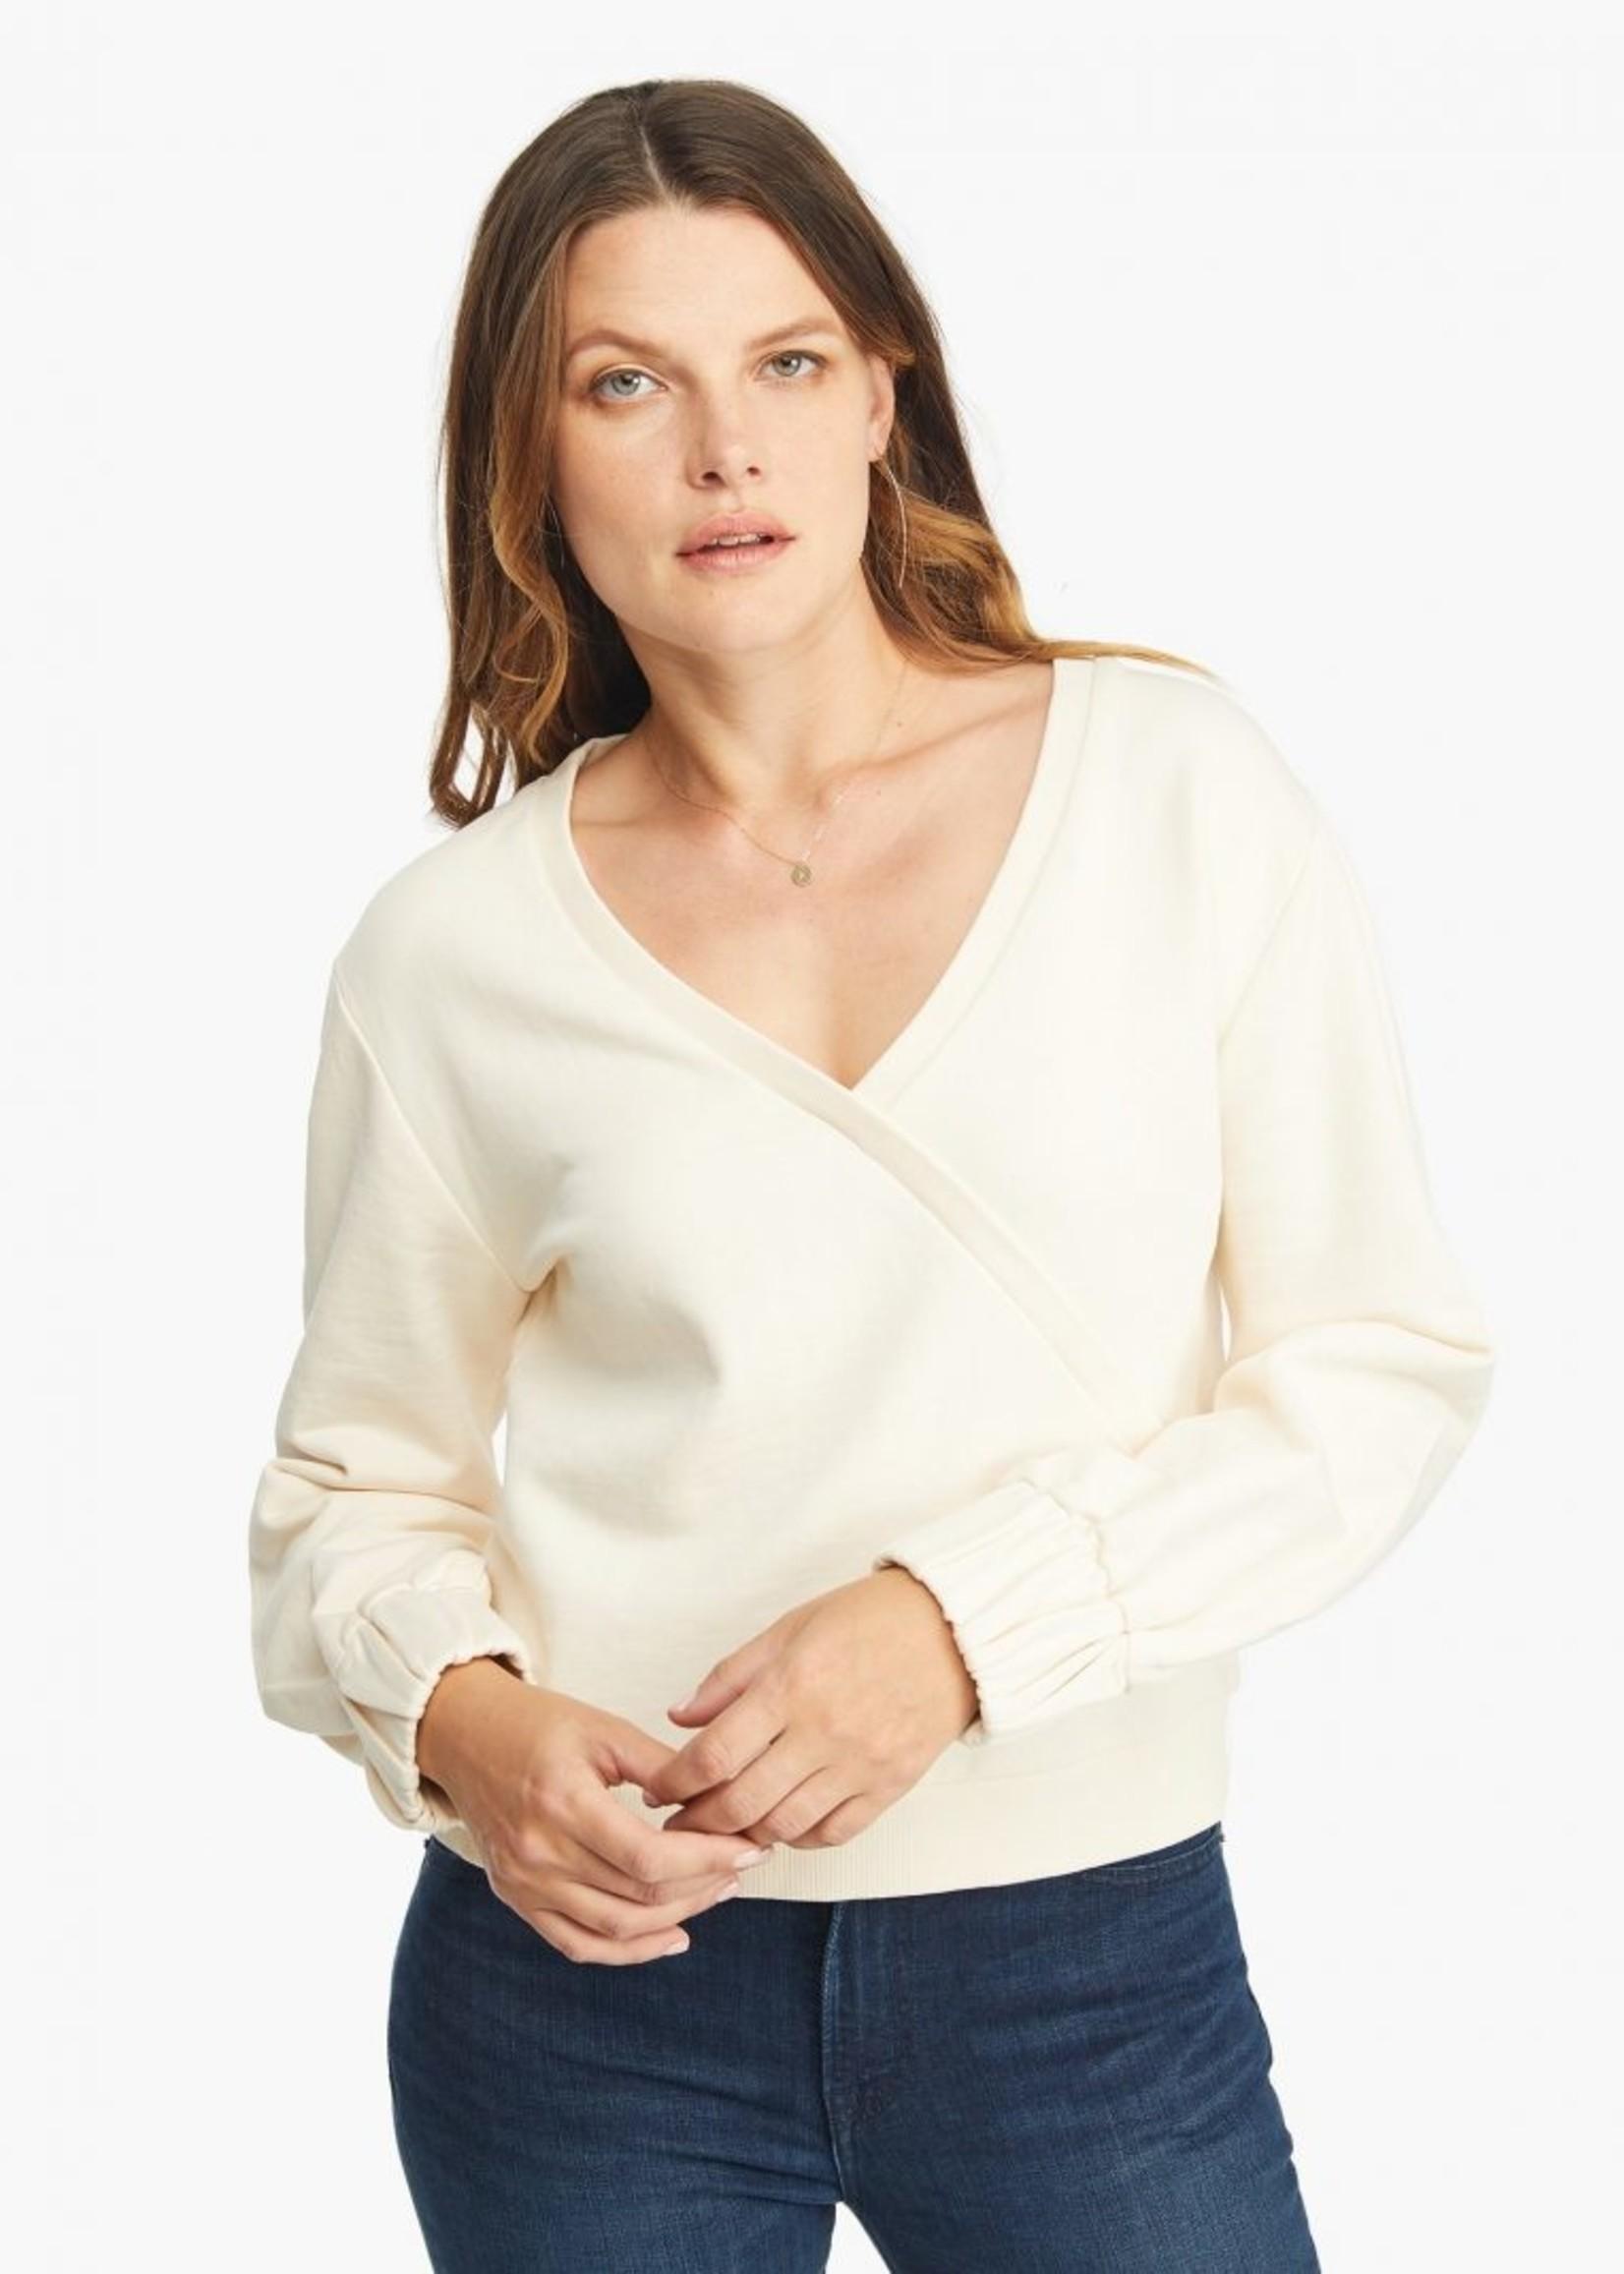 Elitaire Boutique Wrap Sweatshirt in Antique